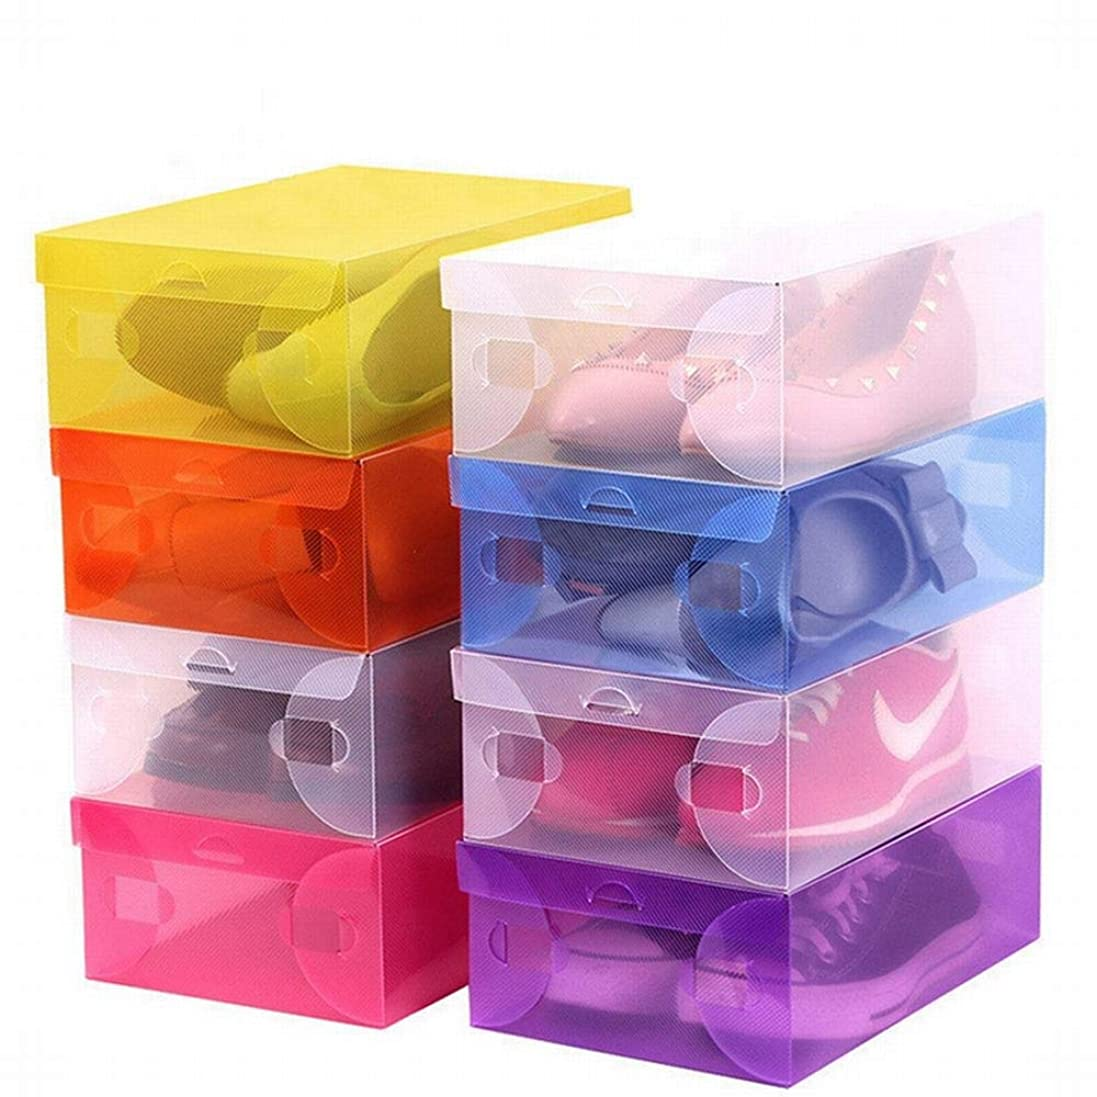 フルーツ野菜戻す提供するLKJASDHL 厚いクラムシェル透明な男性と女性の靴箱PPプラスチック折りたたみ靴箱子供用収納収納ボックス (色 : Yellow)